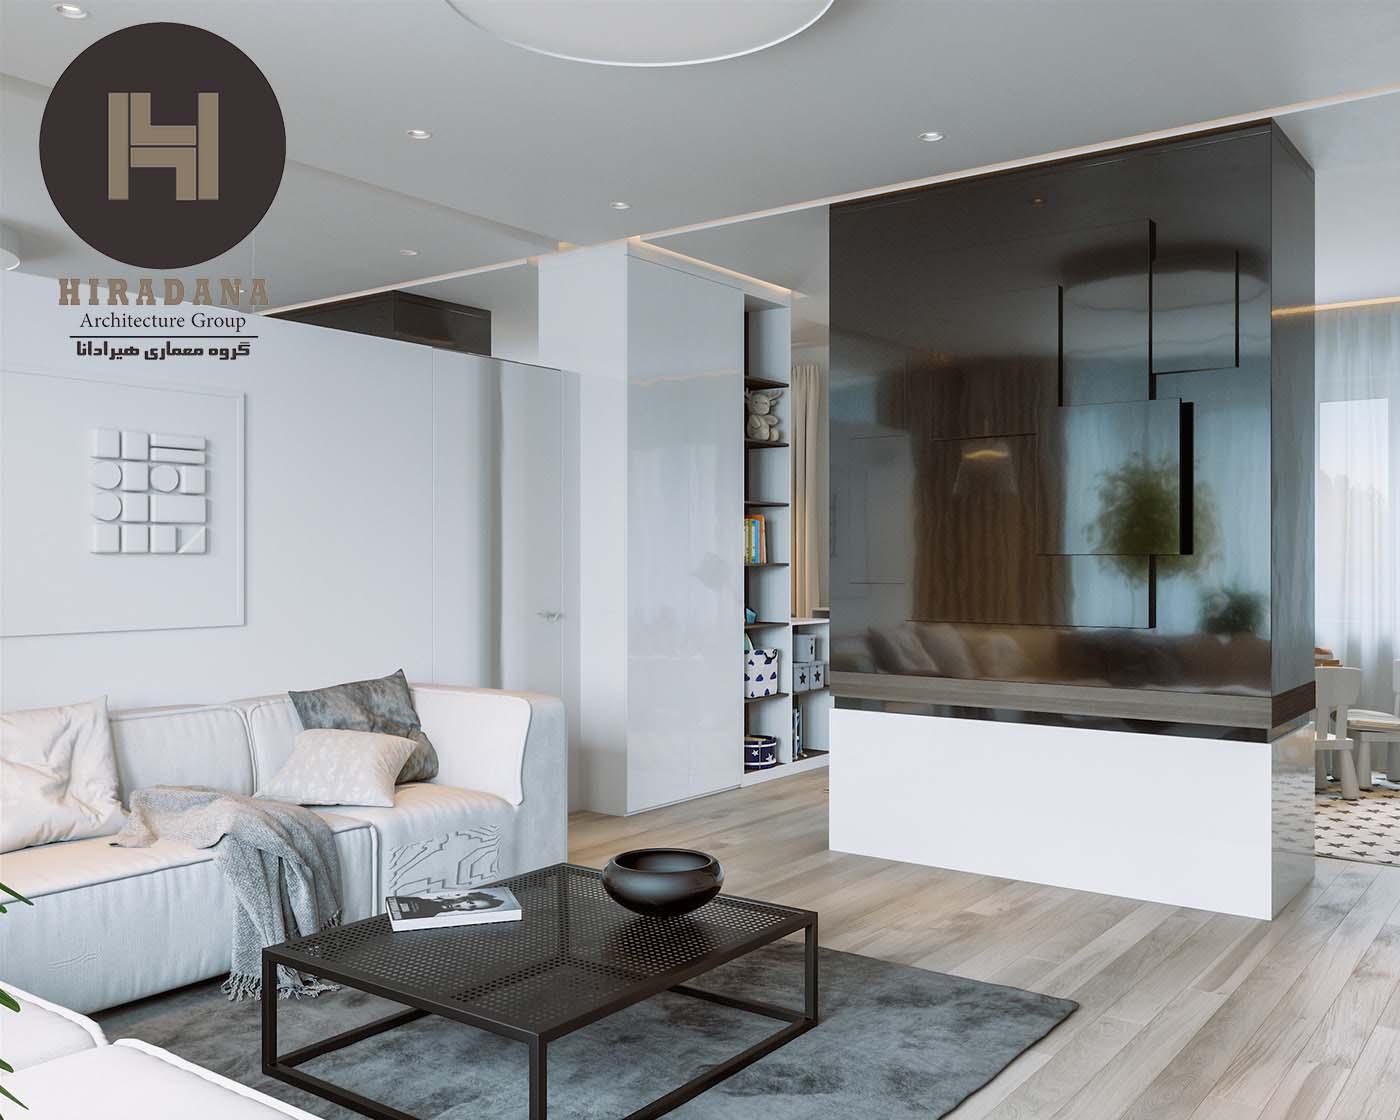 طراحی دکوراسیون داخلی لوکس با رنگ سفید و مشکی